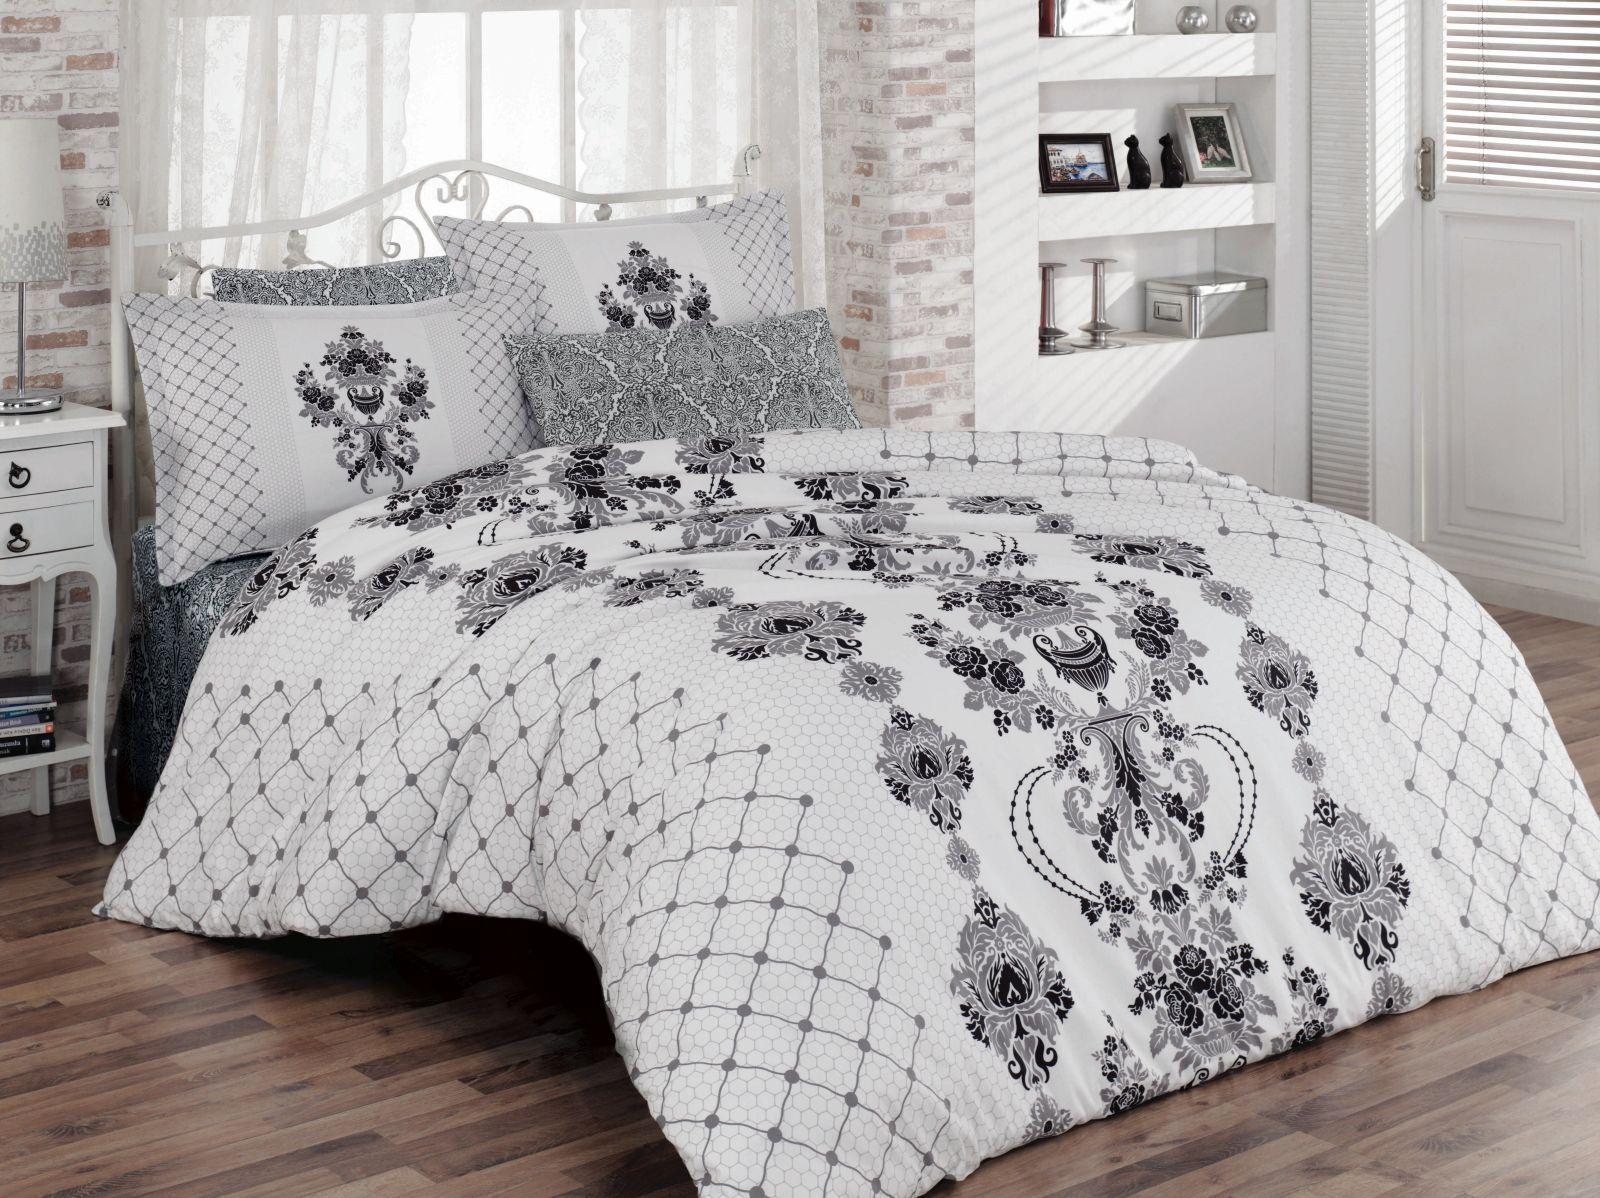 Bettwäsche 220x240 cm Bettgarnitur Bettbezug Baumwolle Kissen 6 tlg VINTAGE GRAU